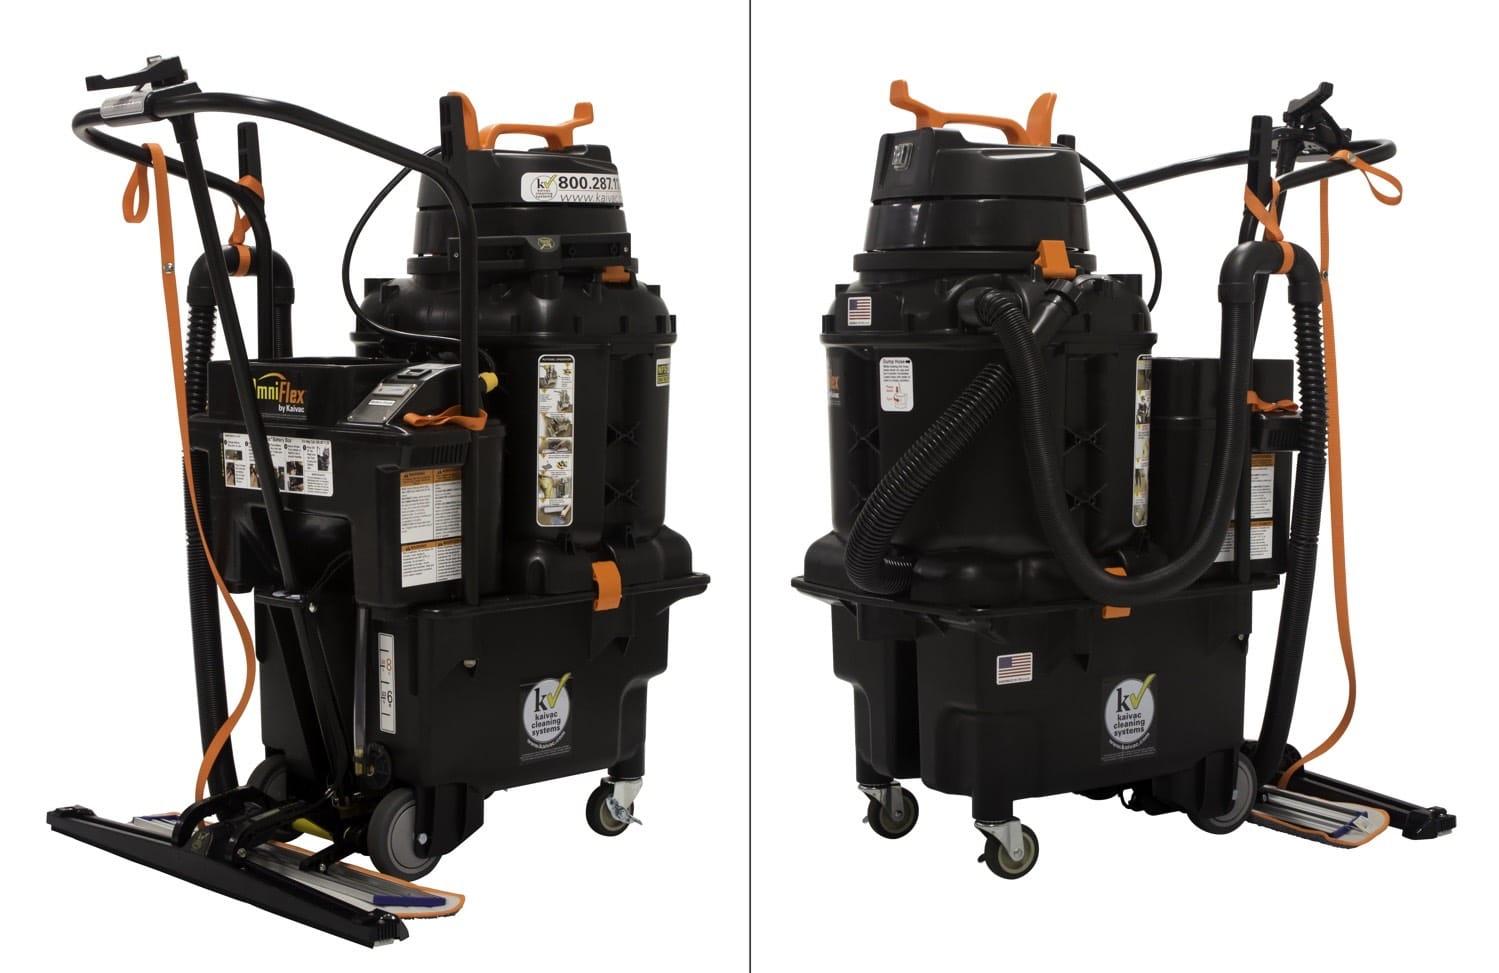 AUTOVAC BATT incl chargr;vac mtr, pads, acc. tool